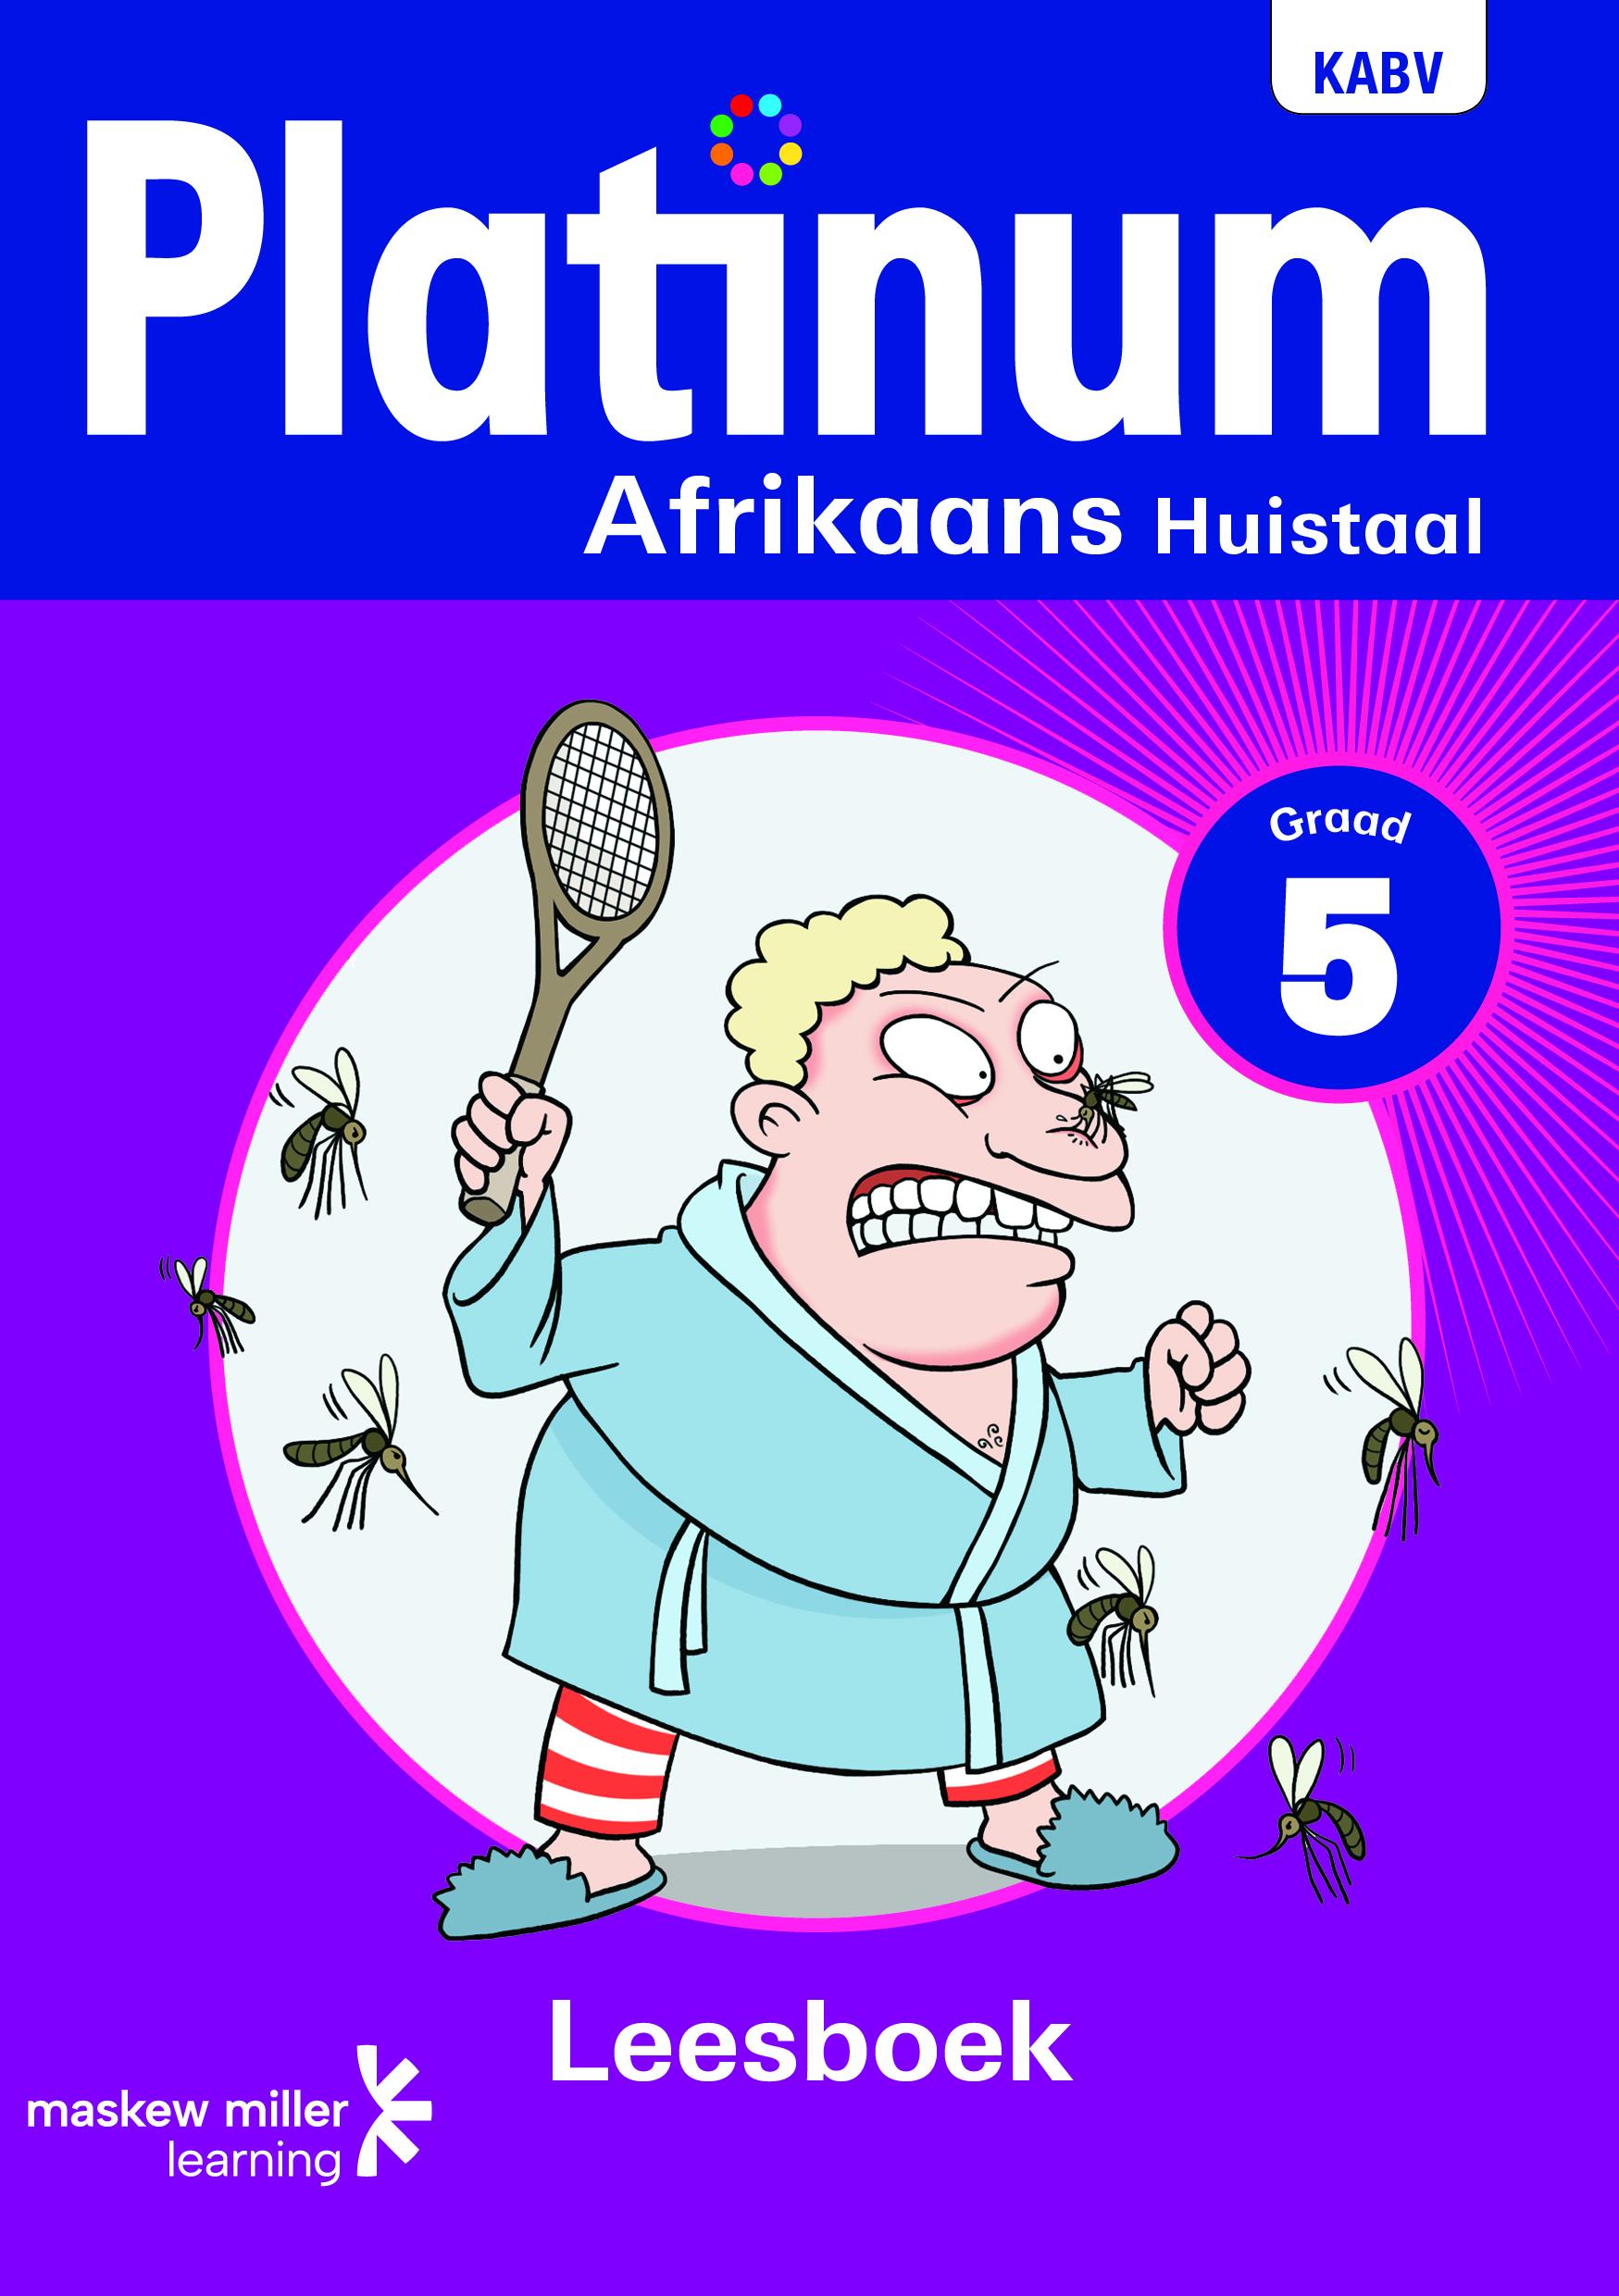 Picture of Platinum Afrikaans Huistaal NKABV - Graad 5 Leesboek